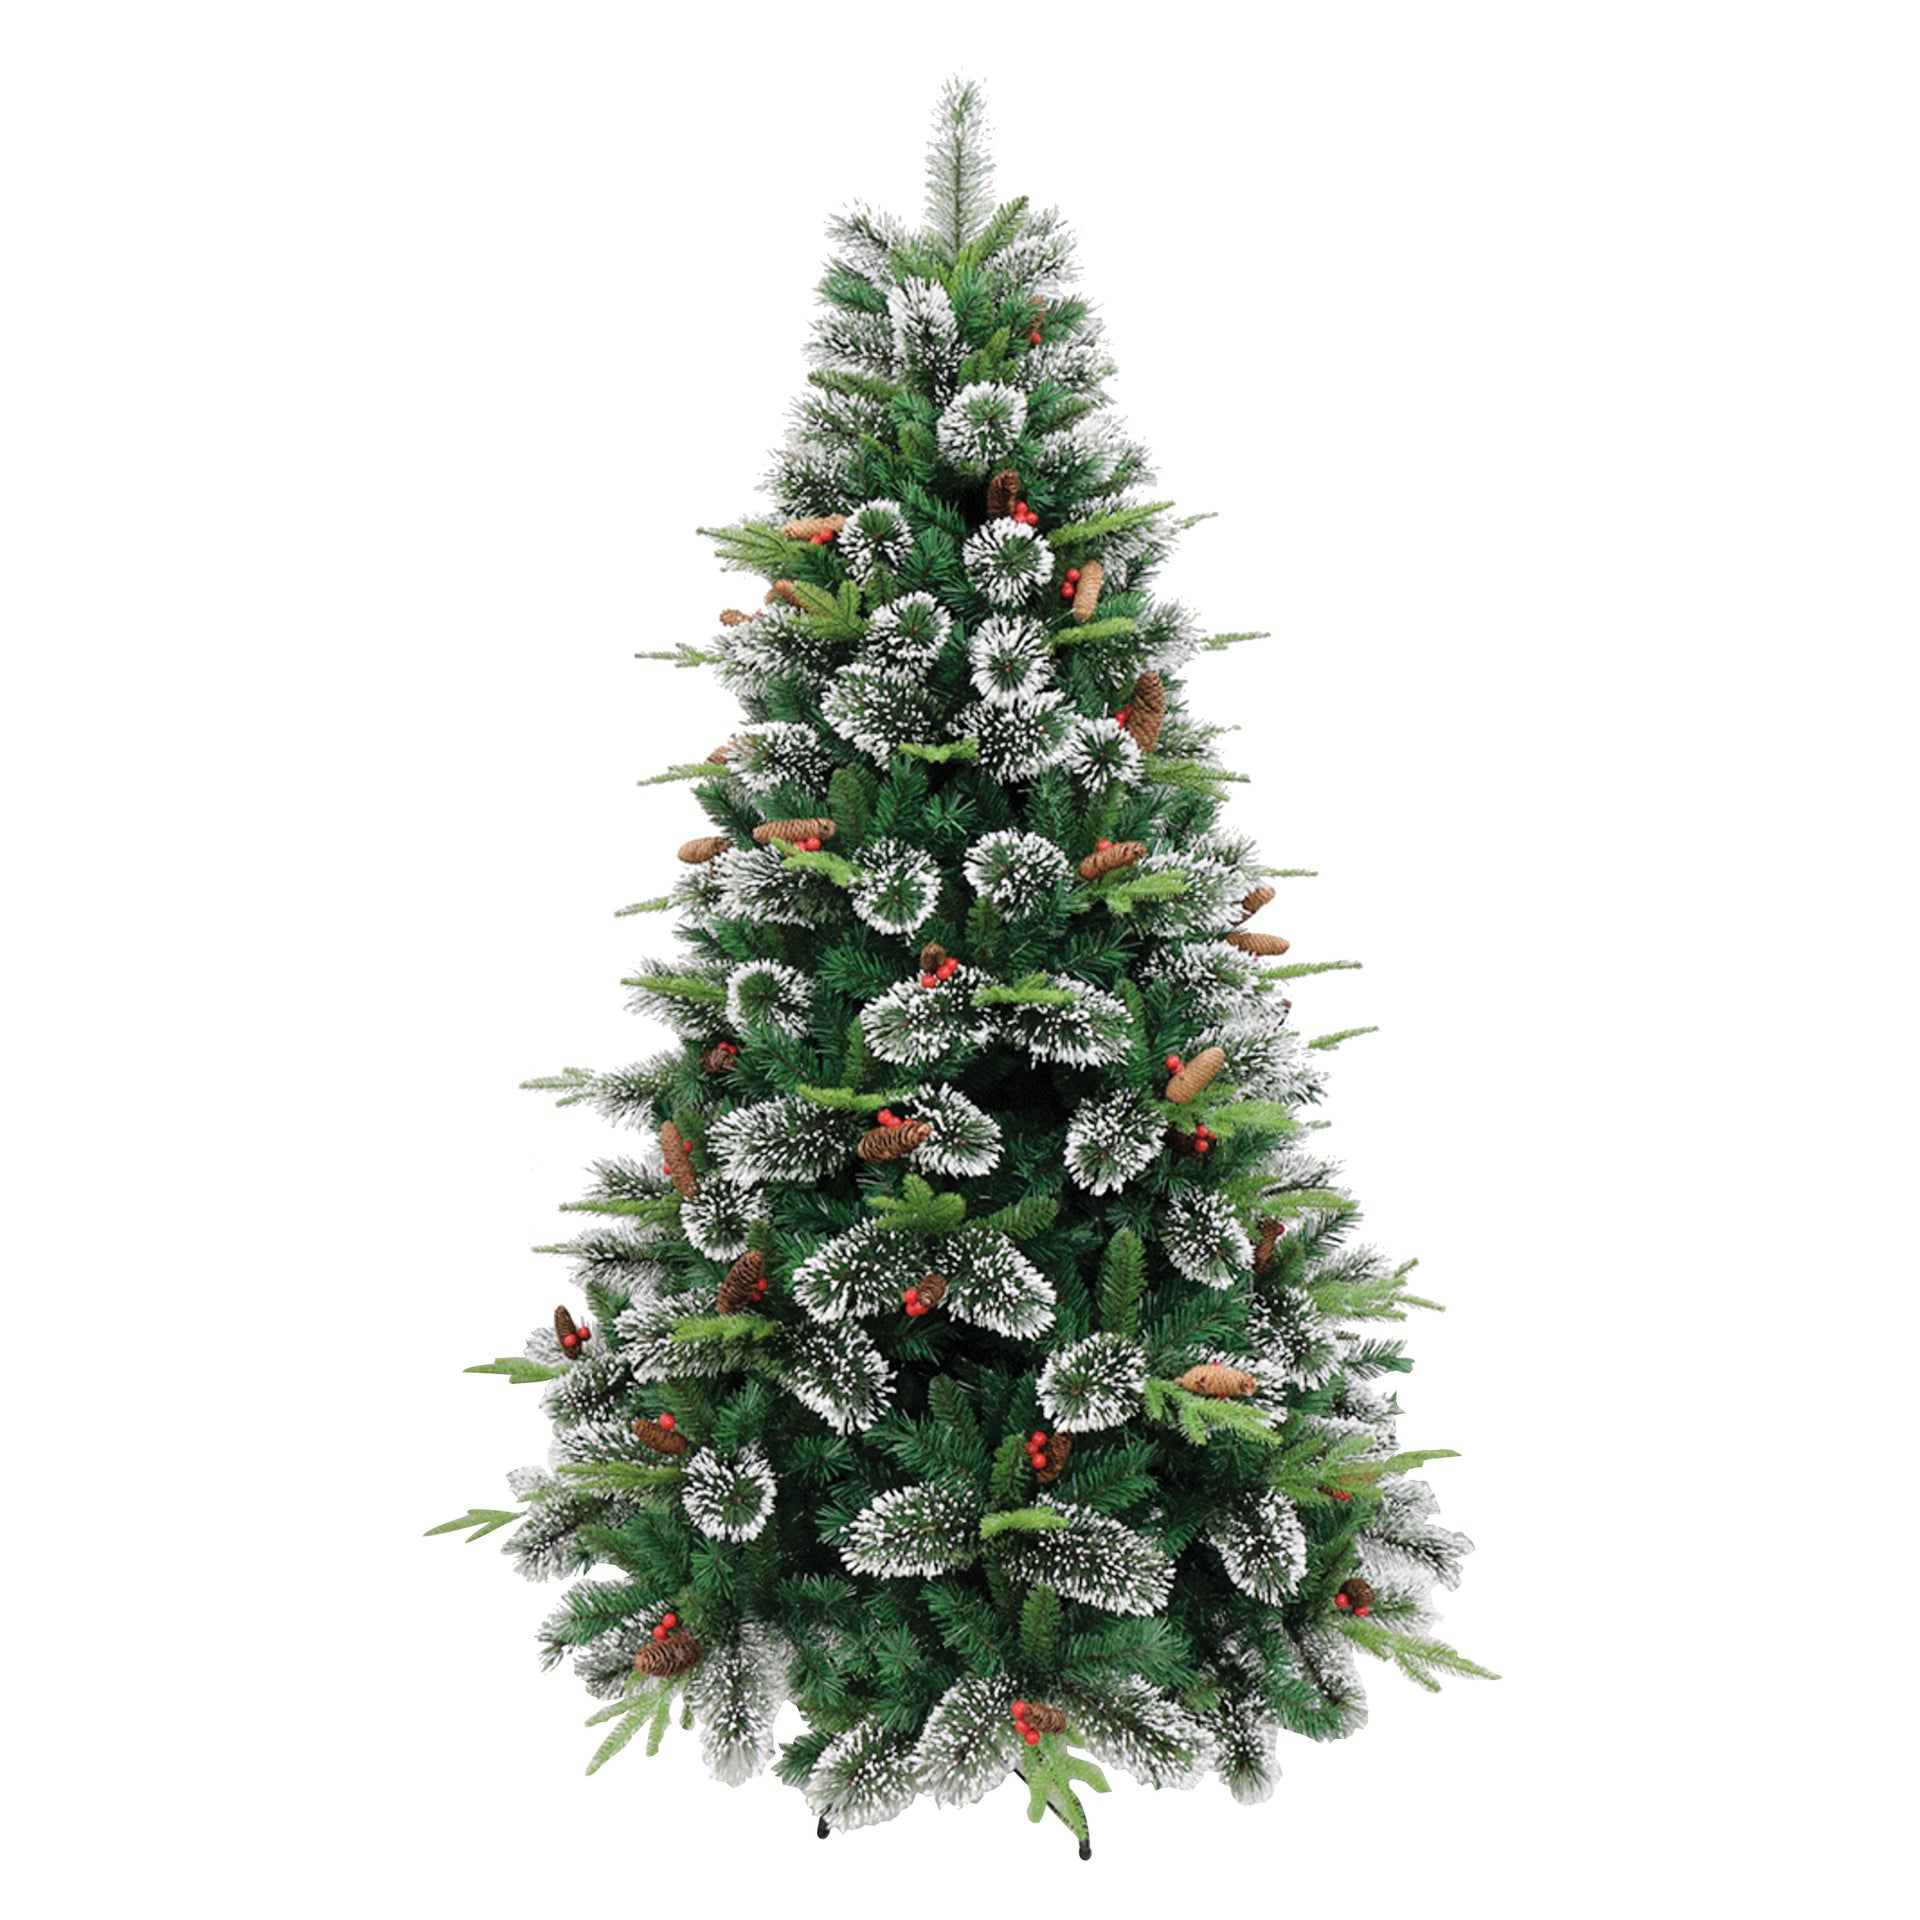 Albero di natale artificiale Coritna verde H 180 cm, - 1